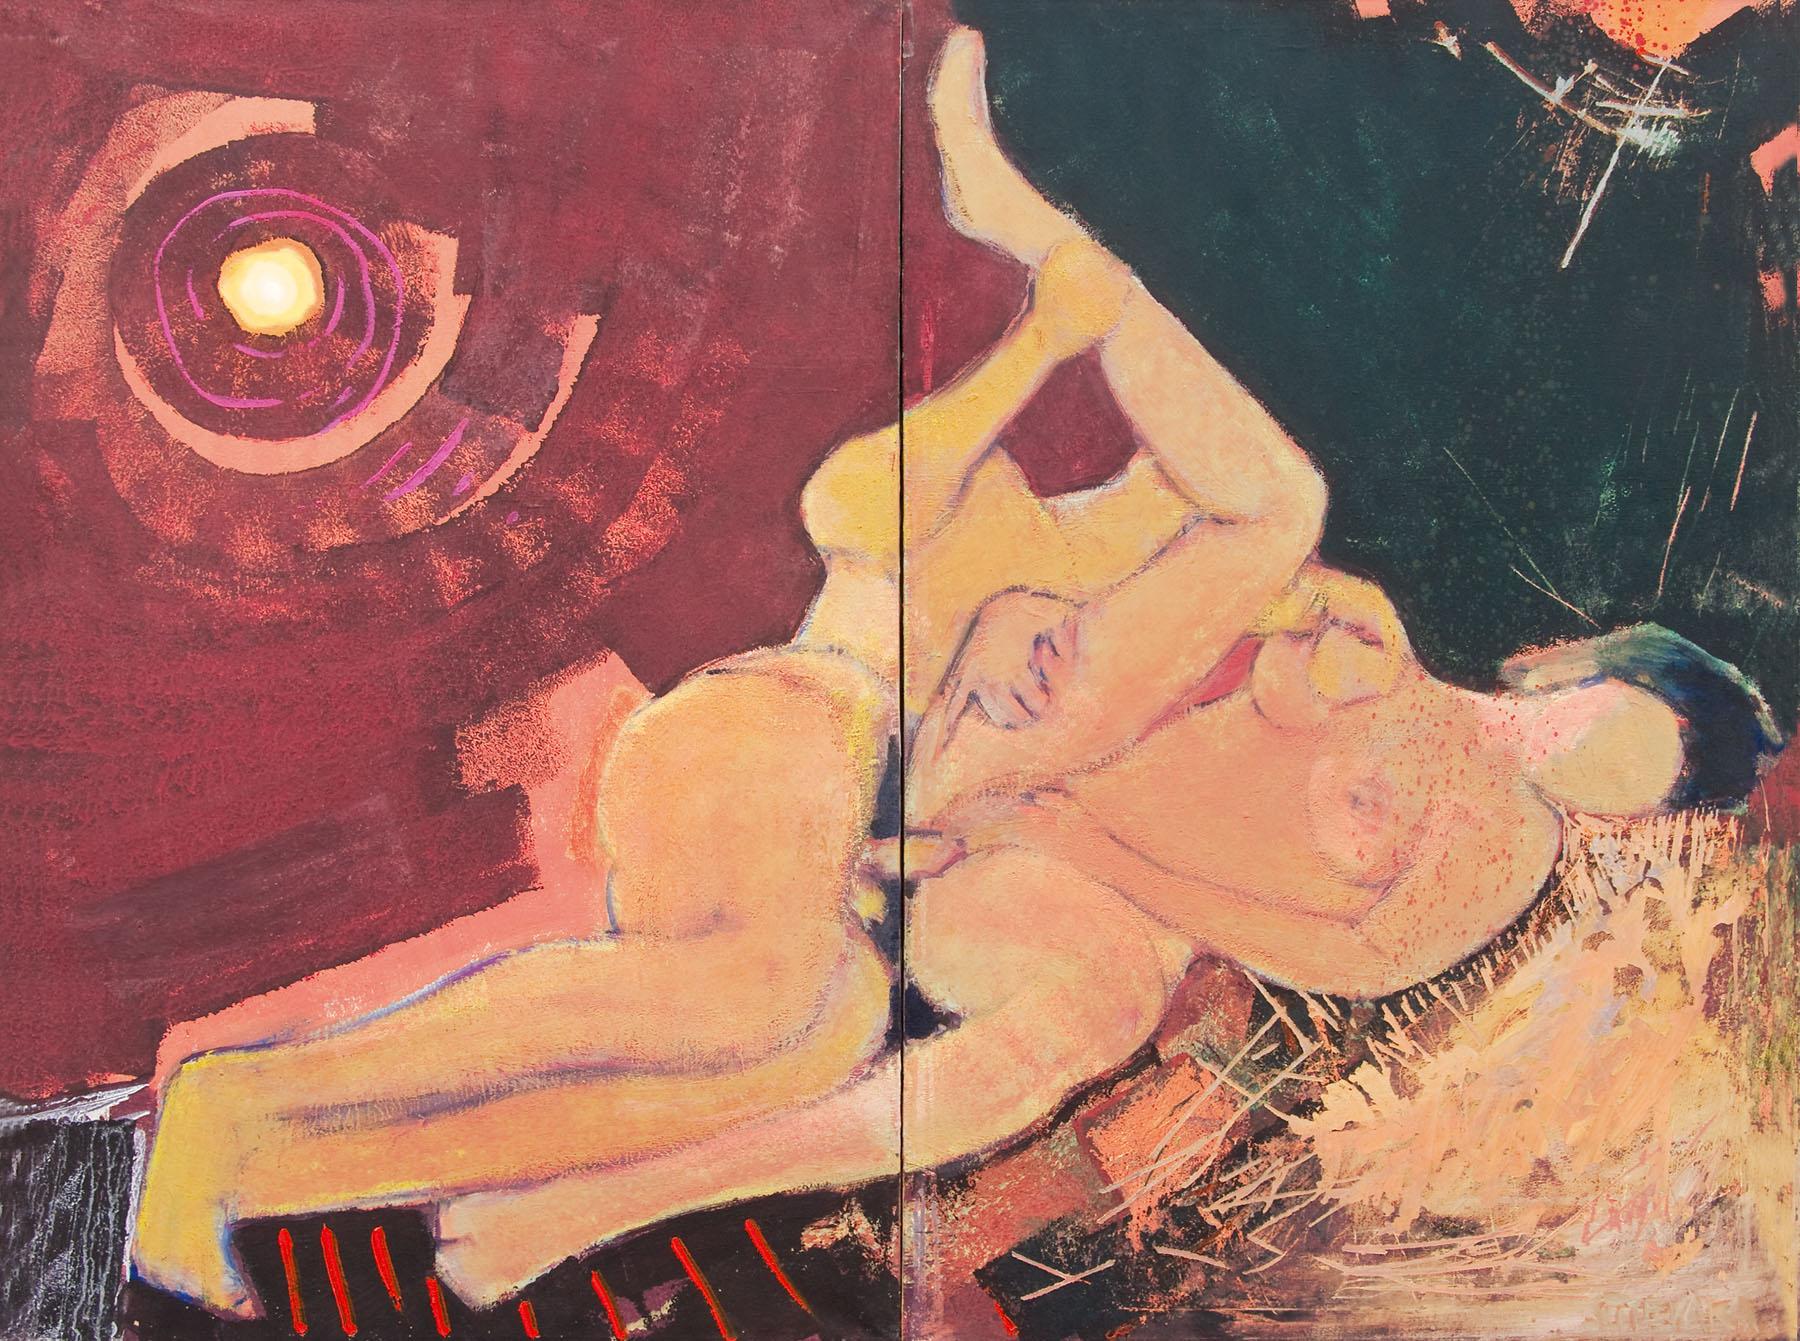 Su-valgel-nahan-tahan-veeta-öö_1998+bleed